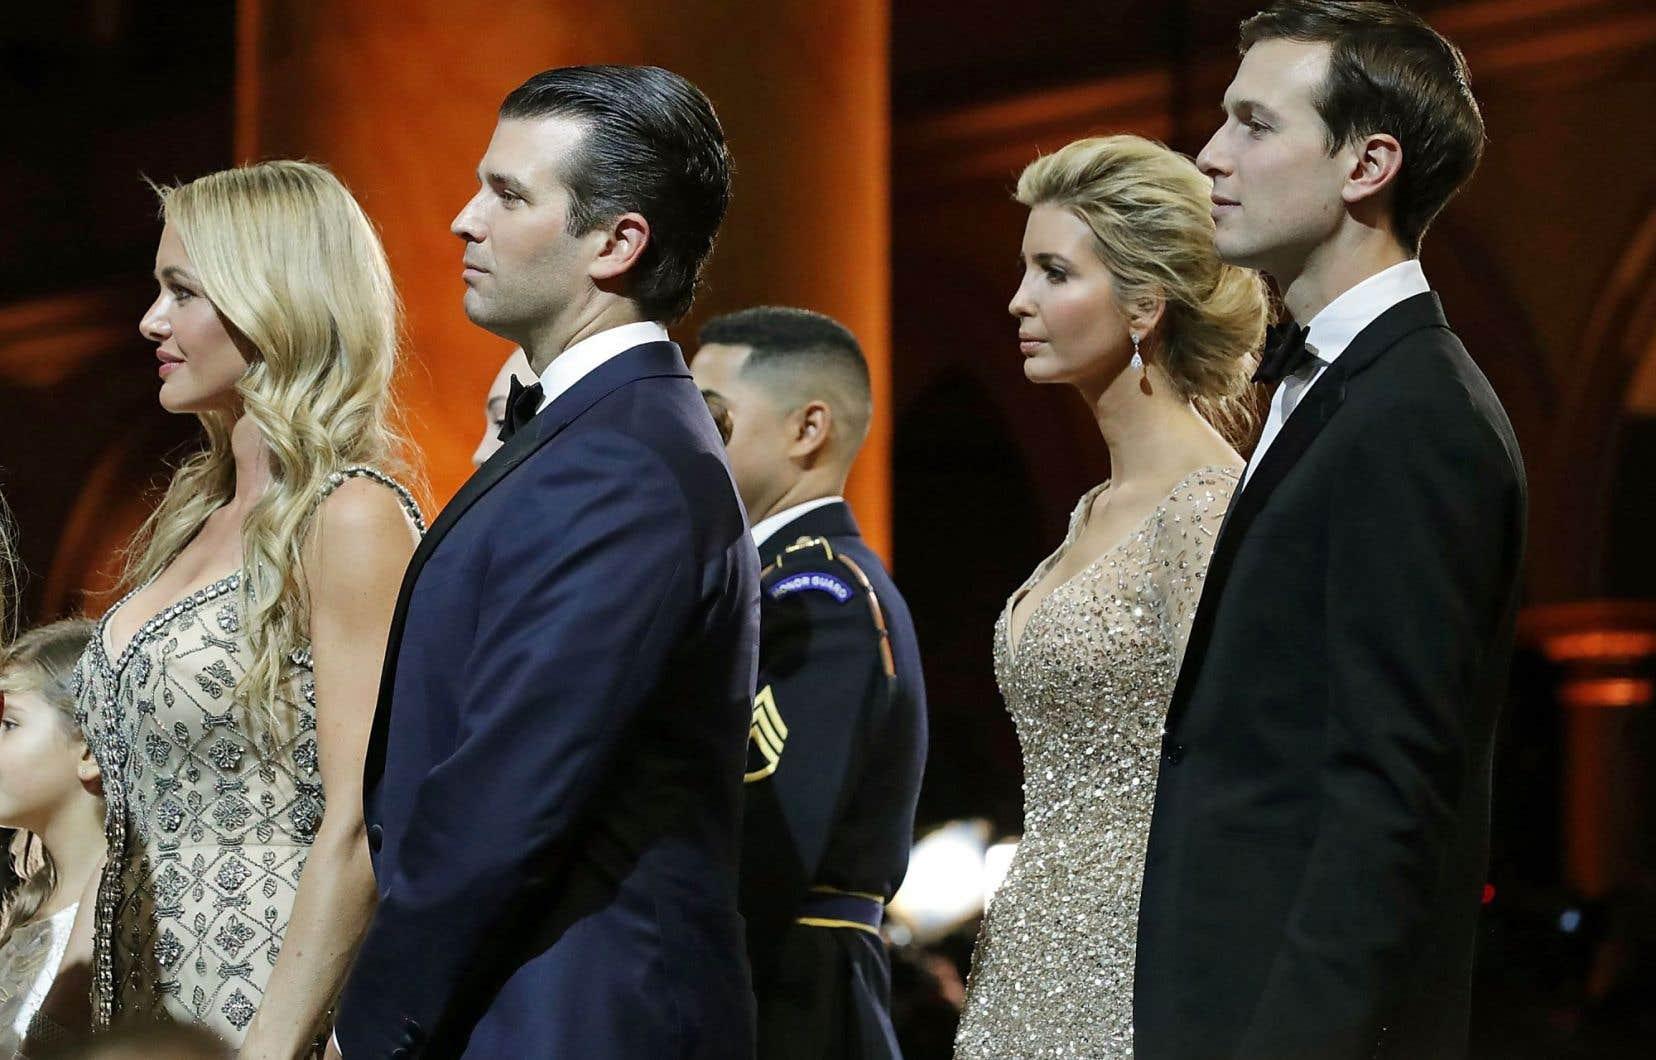 Donald Trump Jr a rencontré l'avocate russe avec Jared Kushner. En arrière-plan, la conjointe de Trump Junior, Vanessa Haydon (à gauche), suivis de Kushner et d'Ivanka Trump.